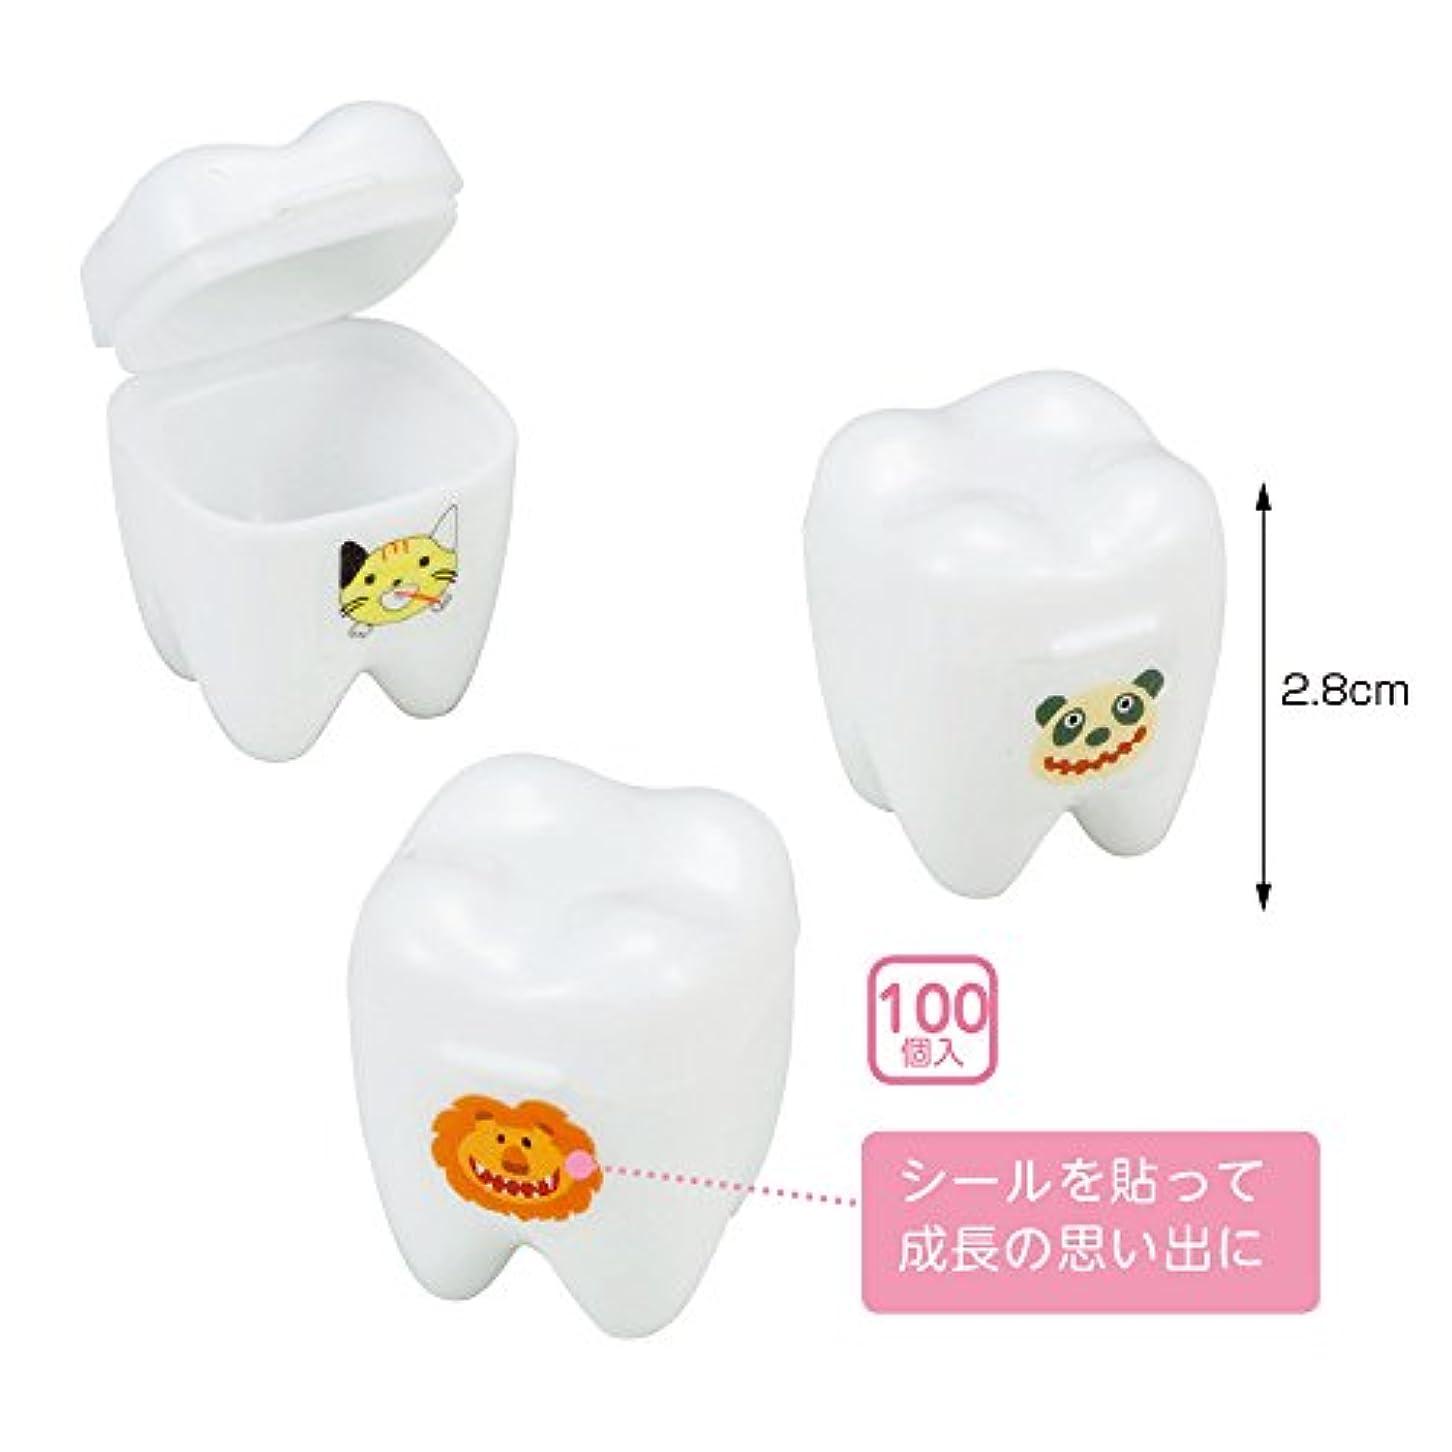 ジョージハンブリー削除する狐乳歯保存ケース 抜けた乳歯のメモリーケース(100個入)